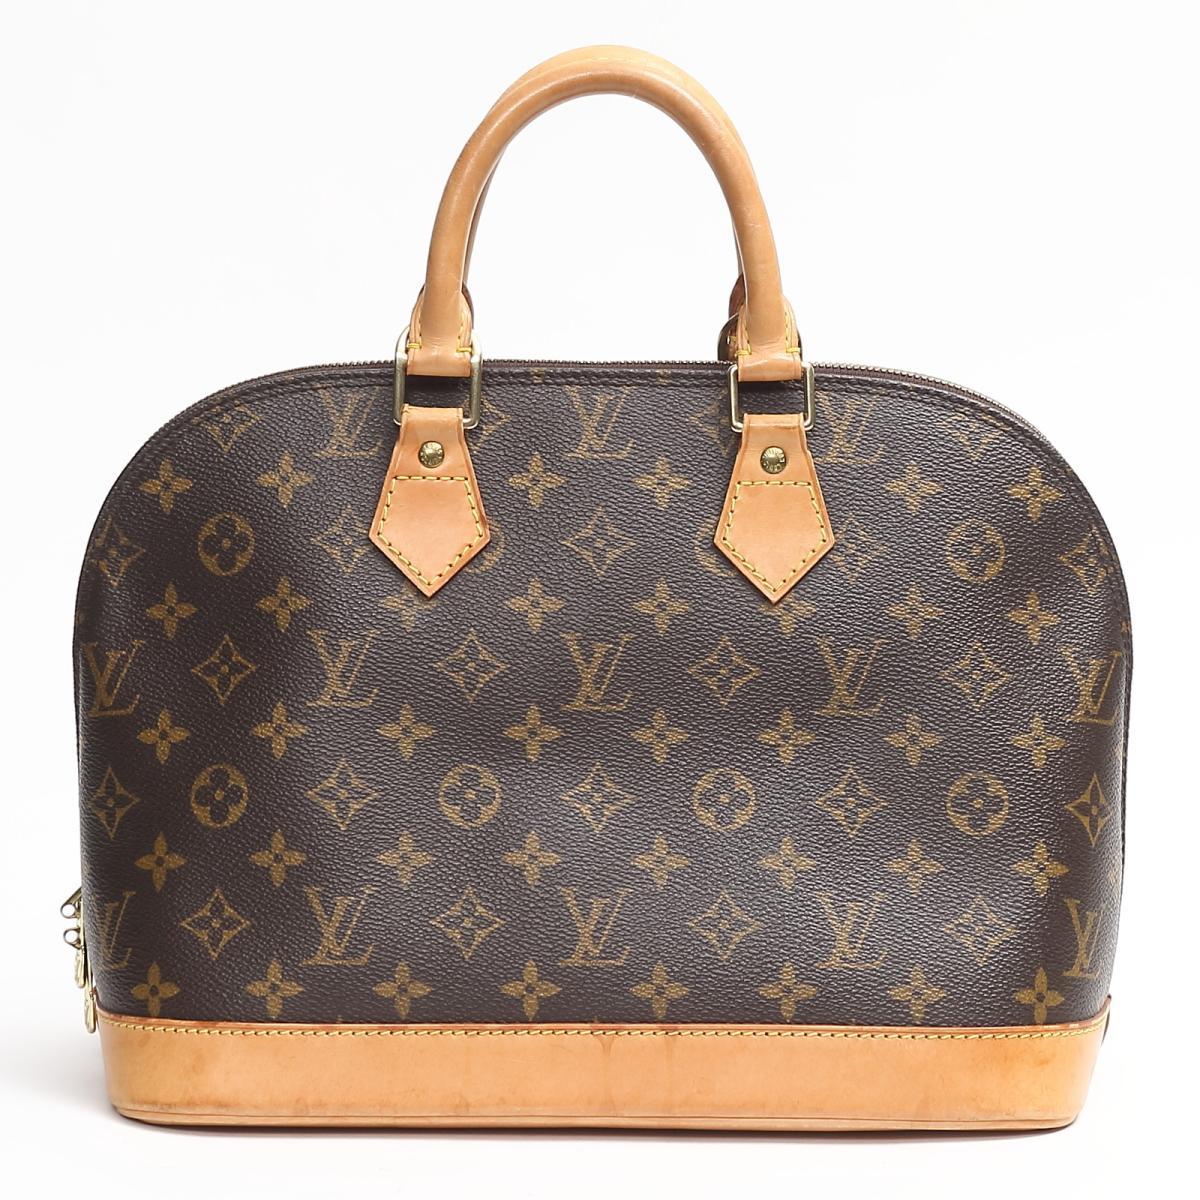 【中古】 ルイヴィトン アルマ ハンドバッグ レディース モノグラム (M51130)   LOUIS VUITTON ヴィトン ビトン ルイ・ヴィトン ハンドバック バッグ バック BAG 鞄 カバン ブランドバッグ ブランドバック ブランドオフ